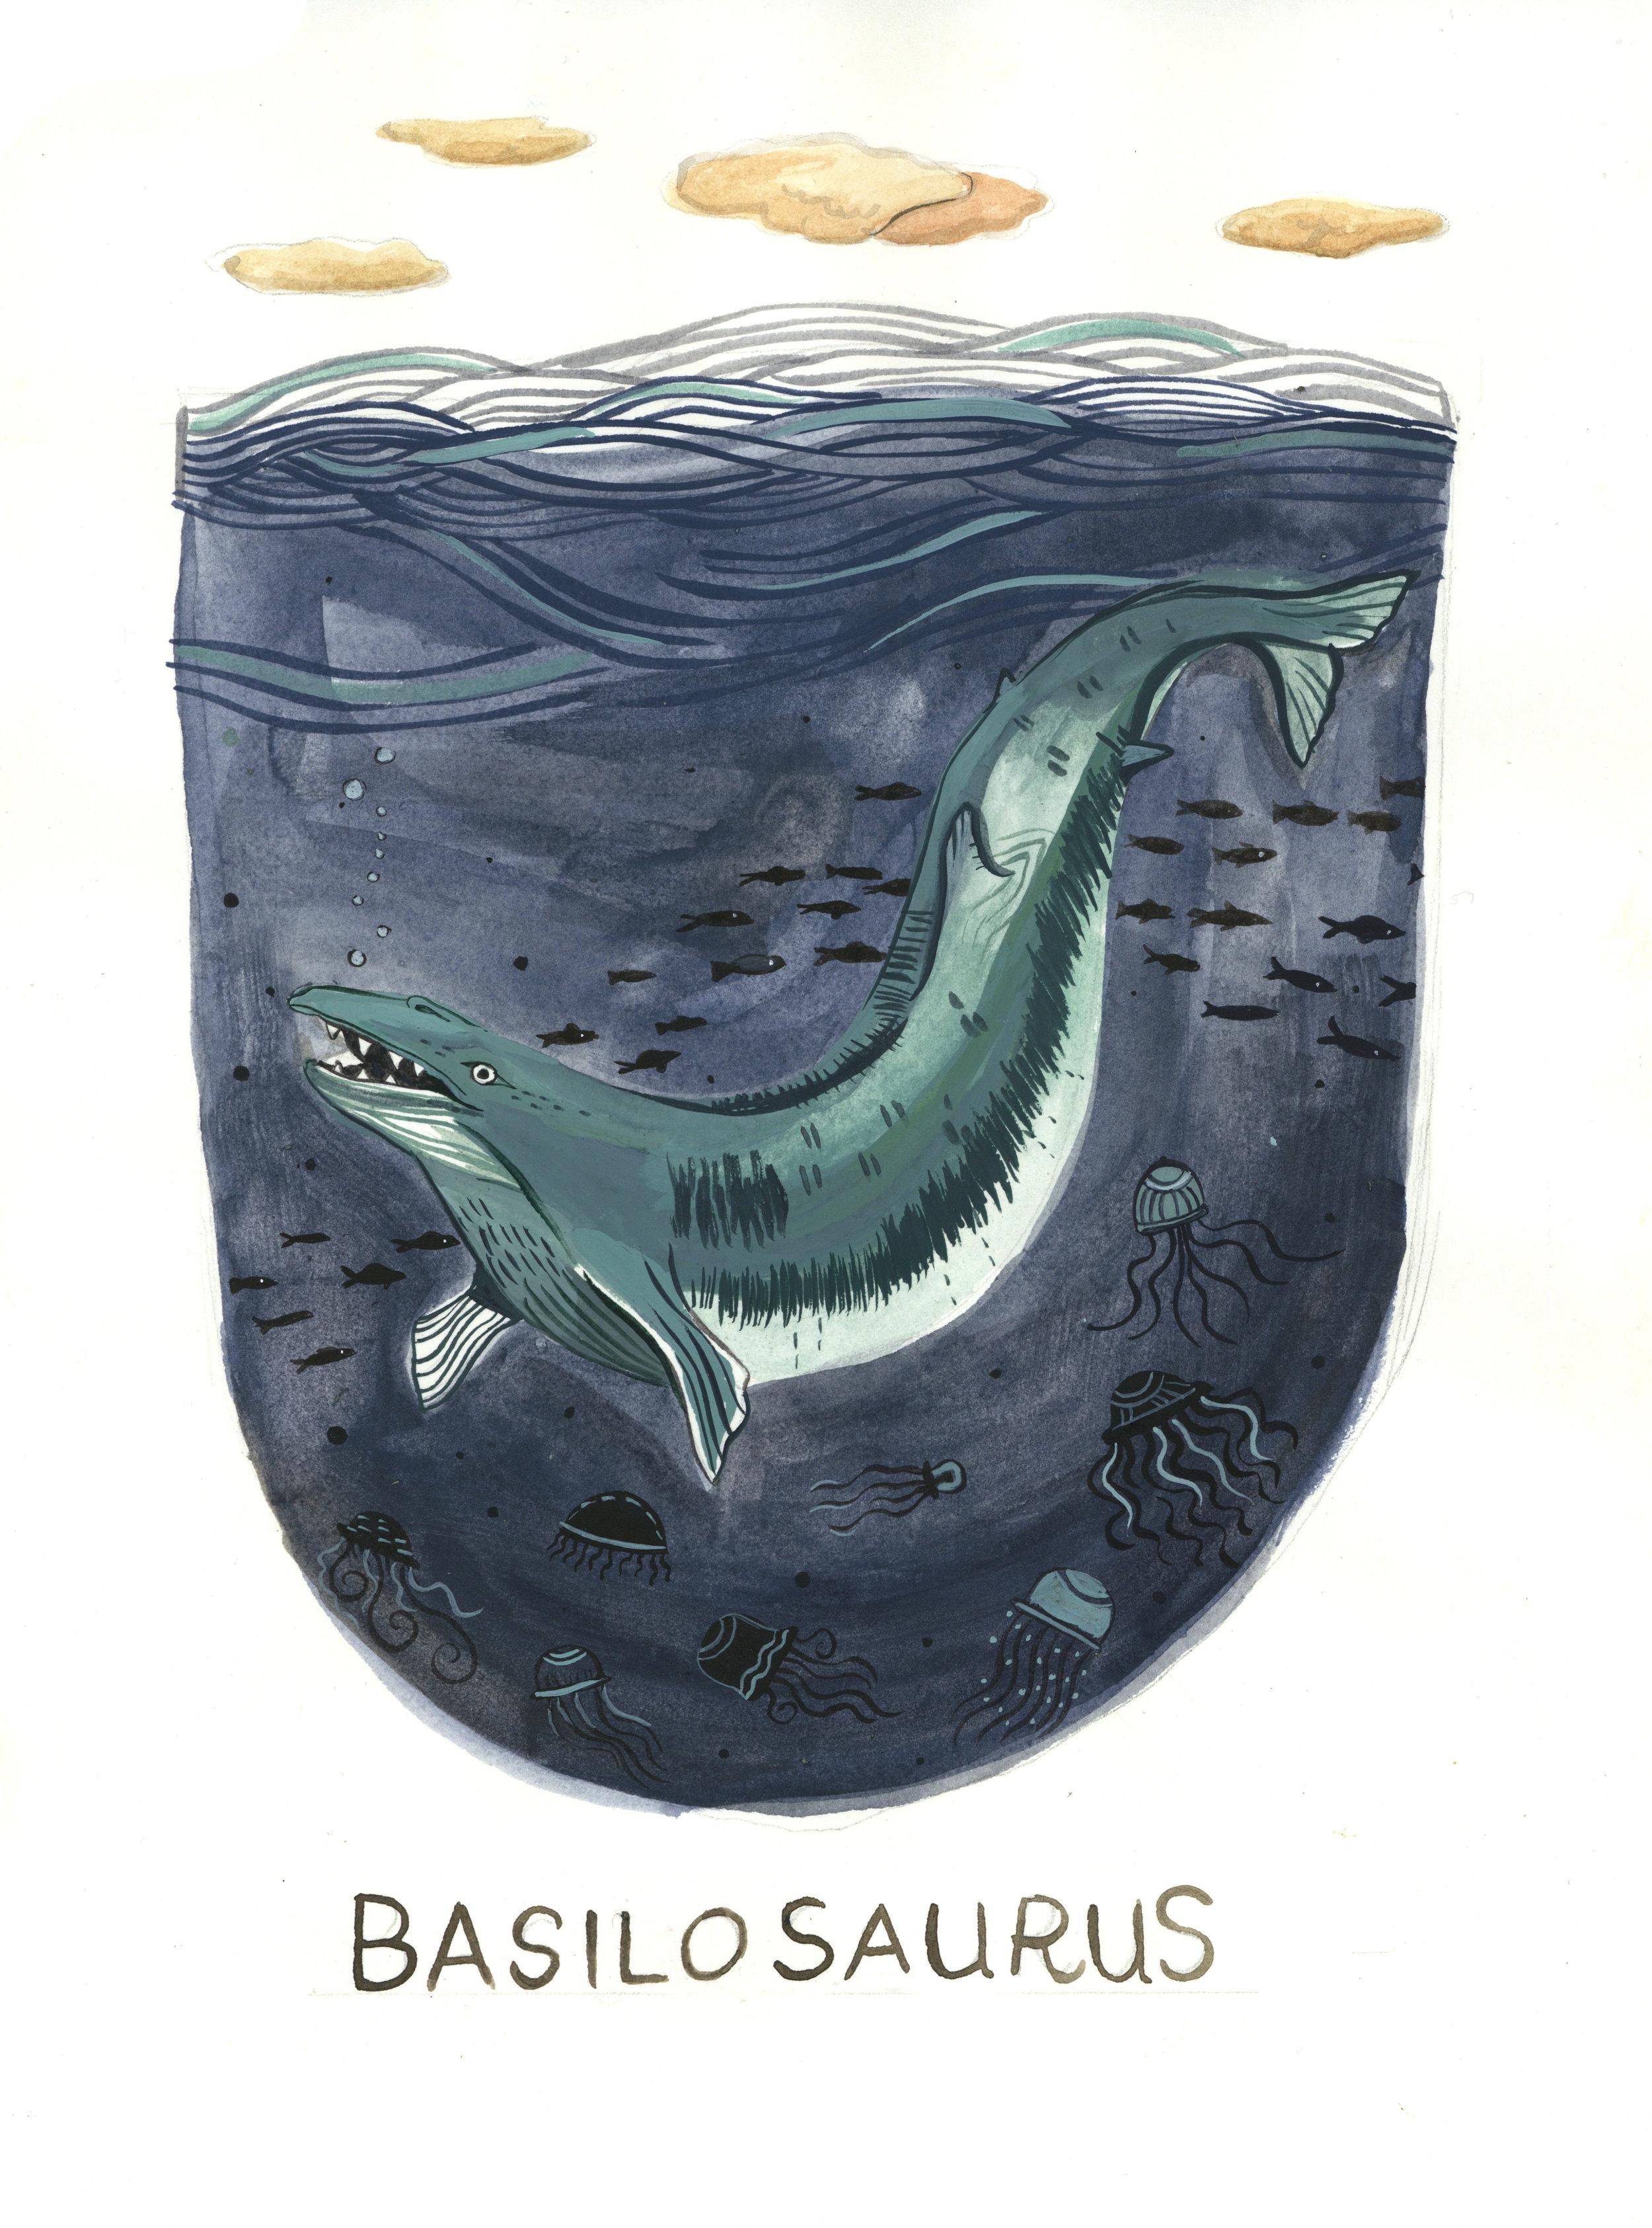 basilosaurus.jpg